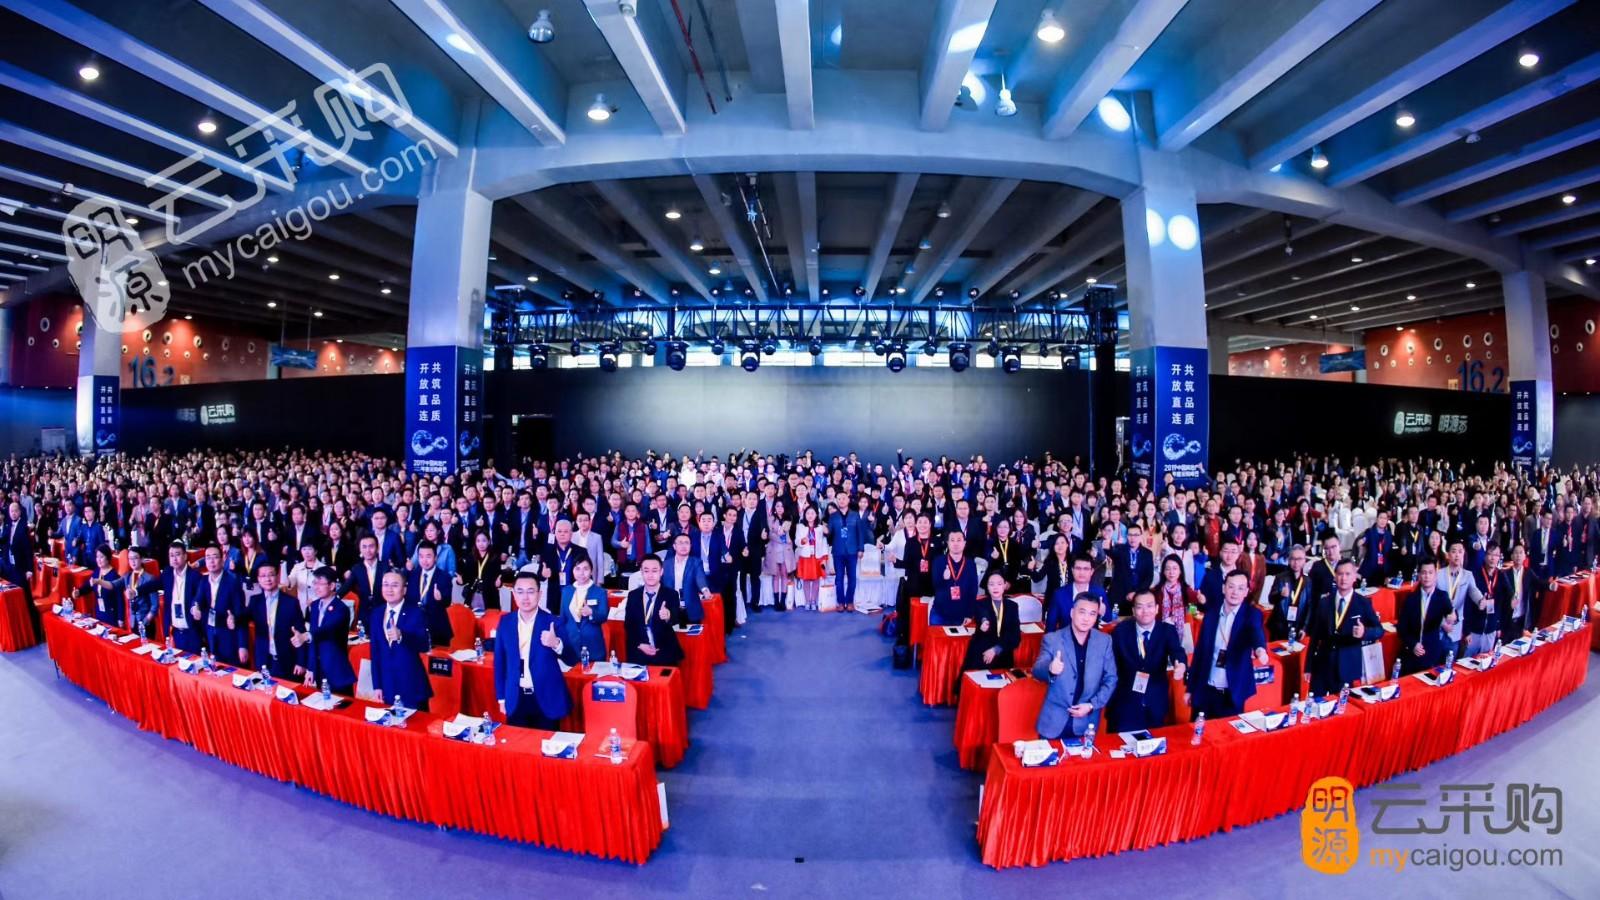 2019中国房地产采购峰会成功举办,1200位大咖都在点赞!